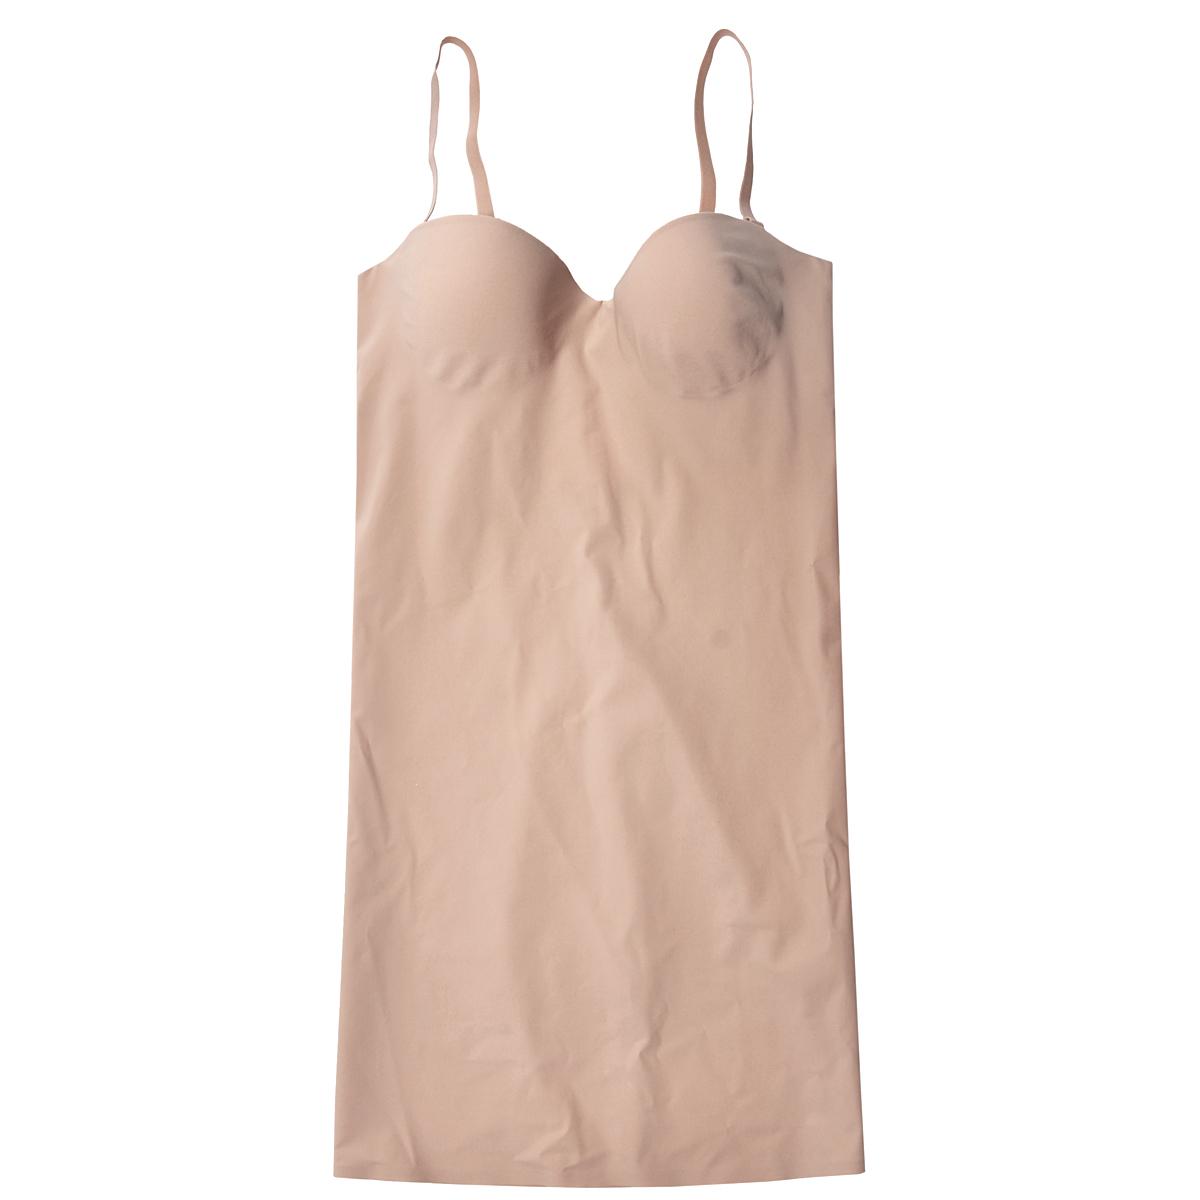 18SDКорректирующее платье Magic BodyFashion Shape-Up Dress на тонких съемных регулируемых бретелях очень удобное и комфортное в носке. Модель с высокой степенью утяжки по всей поверхности придает фигуре желаемые очертания. Бюстгальтер с каркасом поддержит вашу грудь в любых обстоятельствах, сзади застегивается на три крючка в трех позициях. Крой платья необычен, благодаря чему его невозможно заметить под любой одеждой, оно практически не ощущается на коже, позволяет чувствовать себя комфортно и легко. Изделие позволяет приобрести выразительные линии своего тела за считанные секунды (можно скрыть все лишнее и придать объем там, где необходимо). Белье Magic BodyFashion создано для тех, кто стремится к безупречности своего стиля. Именно благодаря ему огромное количество женщин чувствуют себя поистине соблазнительными, привлекательными и не на шутку уверенными в себе.